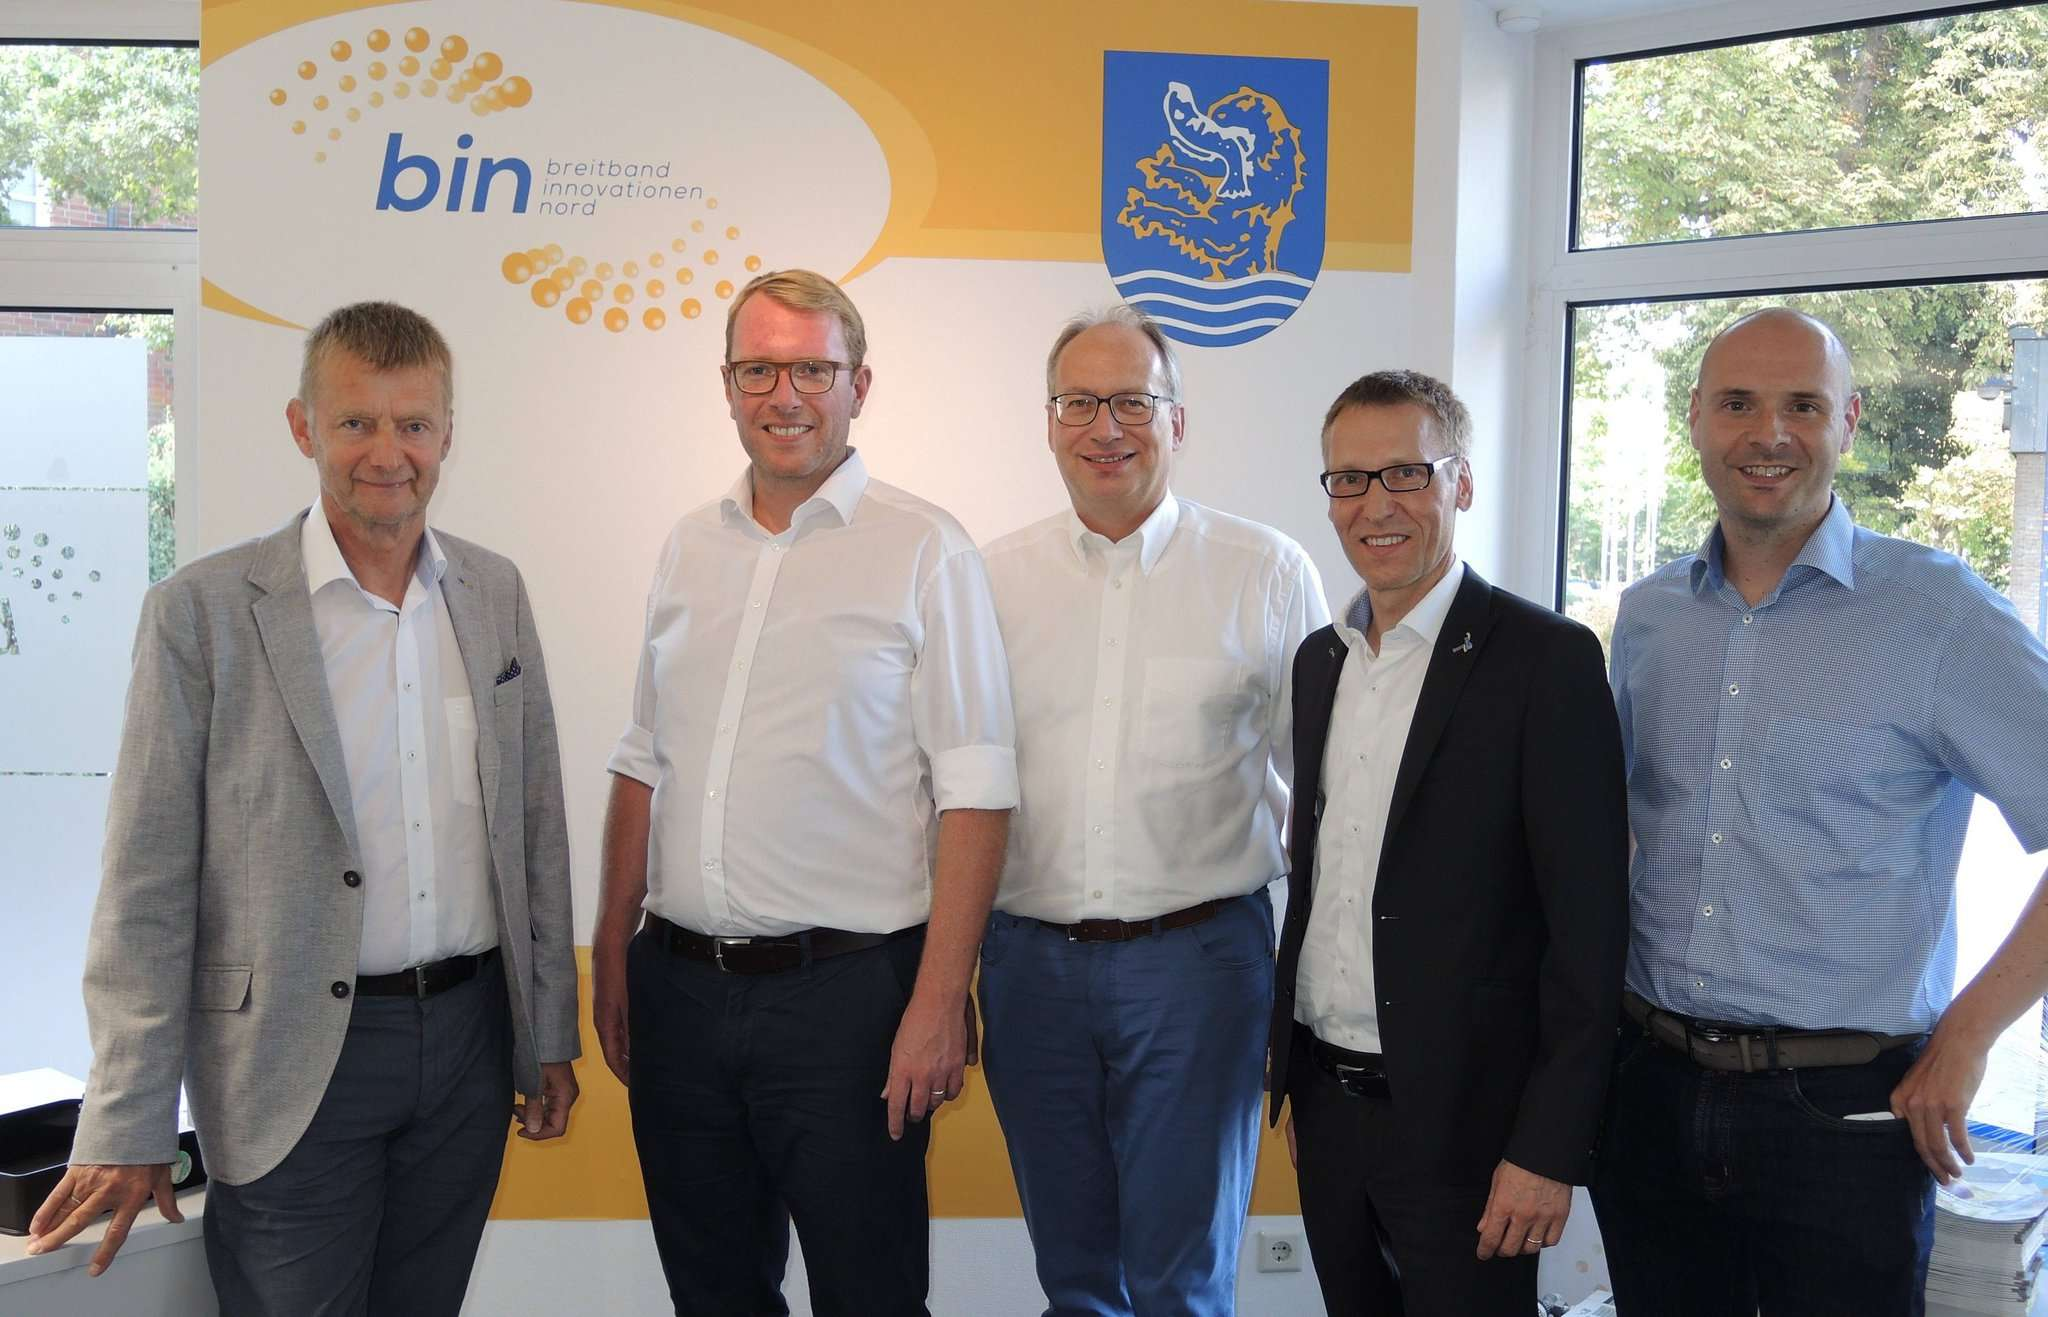 Bürgermeister Horst Hofmann (von links) hatte Staatssekretär Stefan Muhle aus dem niedersächsischen Wirtschaftsministerium und den Landtagsabgeordneten Axel Miesner zu Gast. E-Werksleiter Helge Dannat und Christoffer Dehne (Prokurist bei